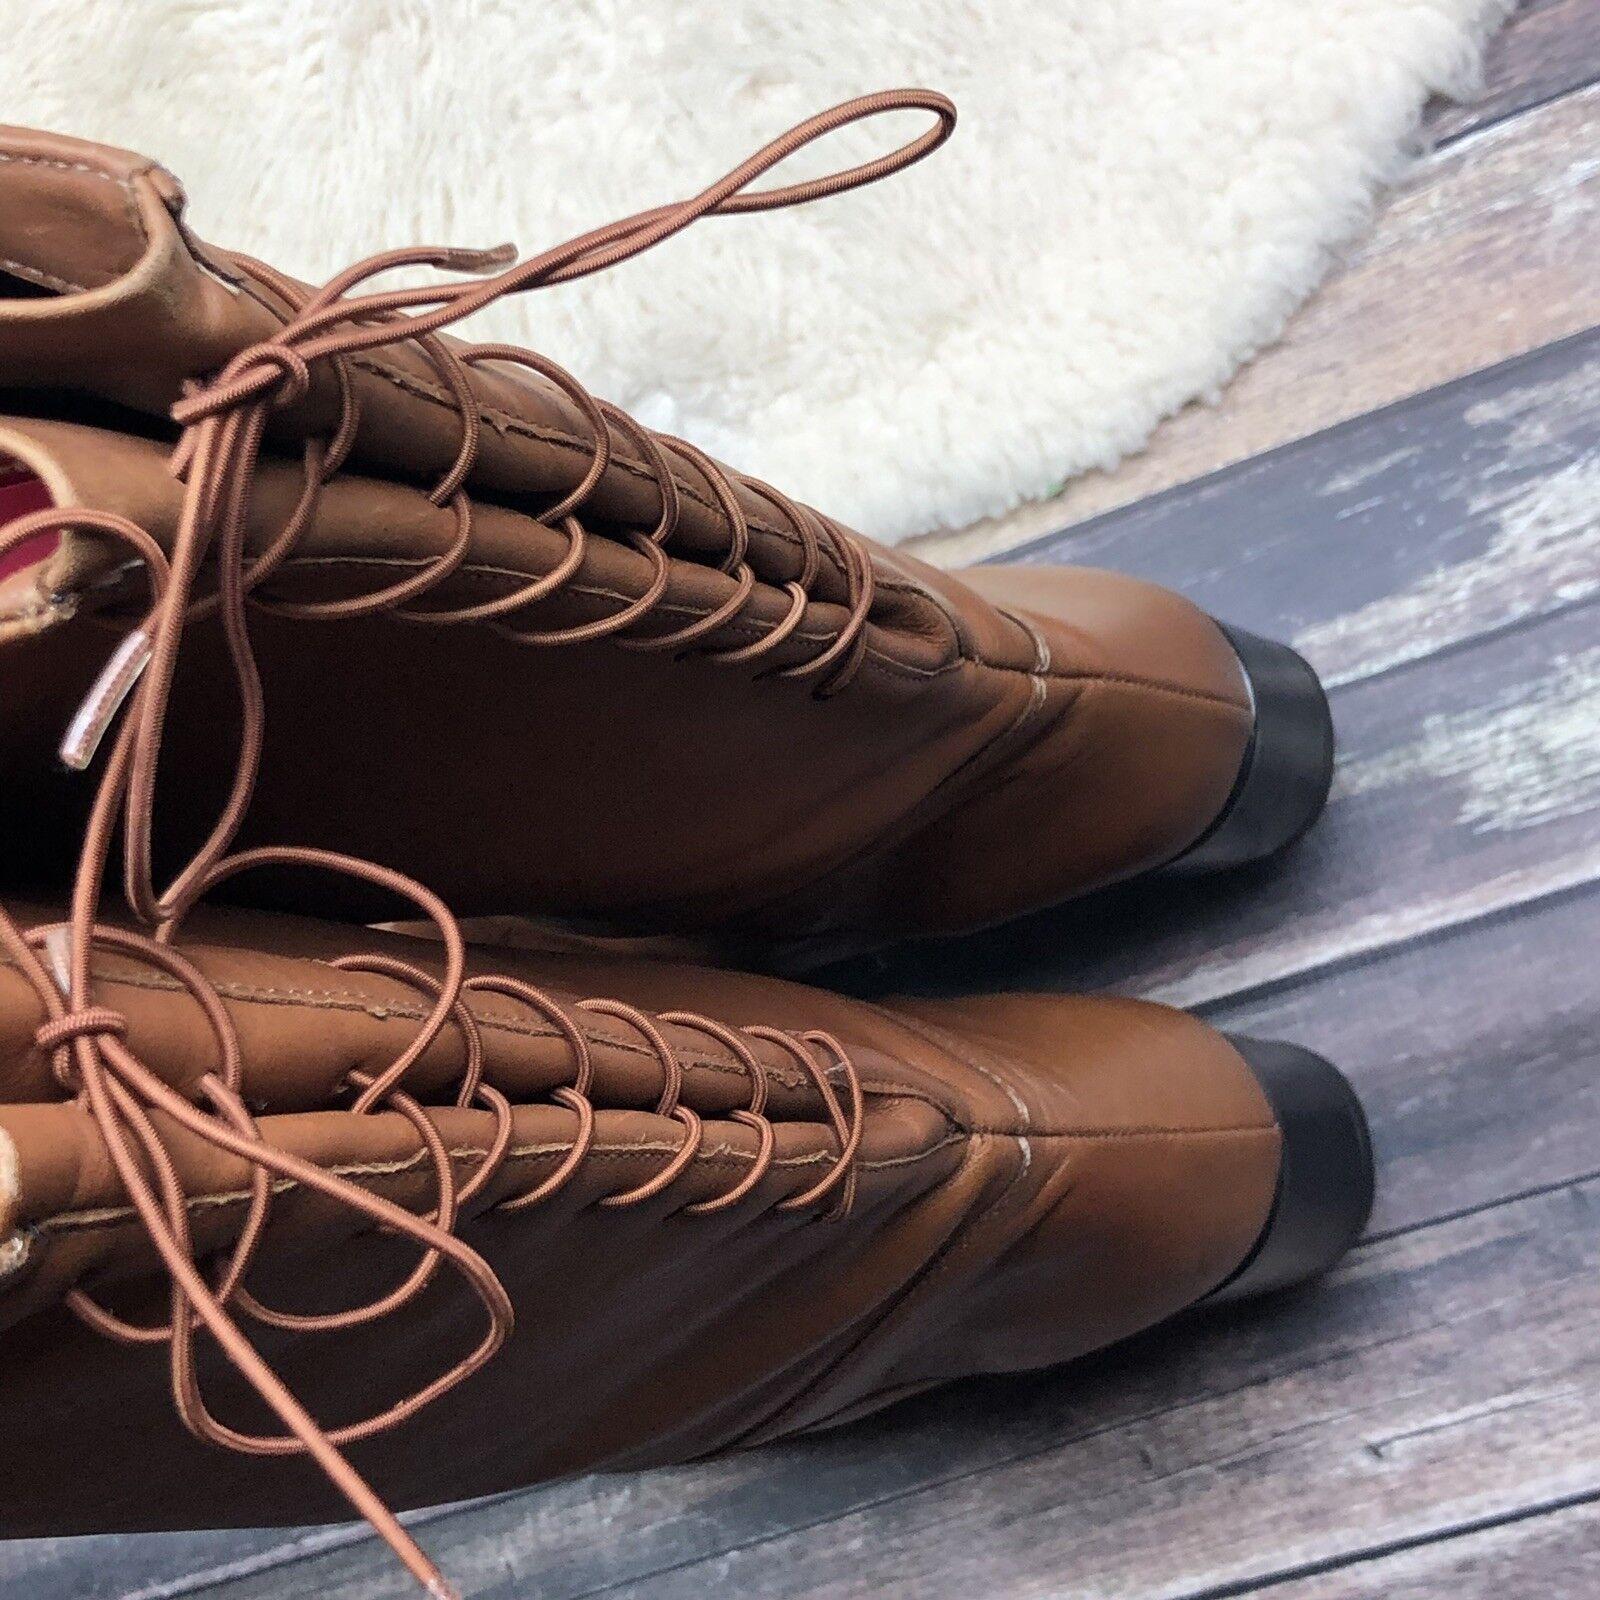 negozio di vendita outlet Donna  SZ 12 12 12 2E  Regence Marrone Leather stivali Wide Calf Knee High Waterproof EUC  classico senza tempo